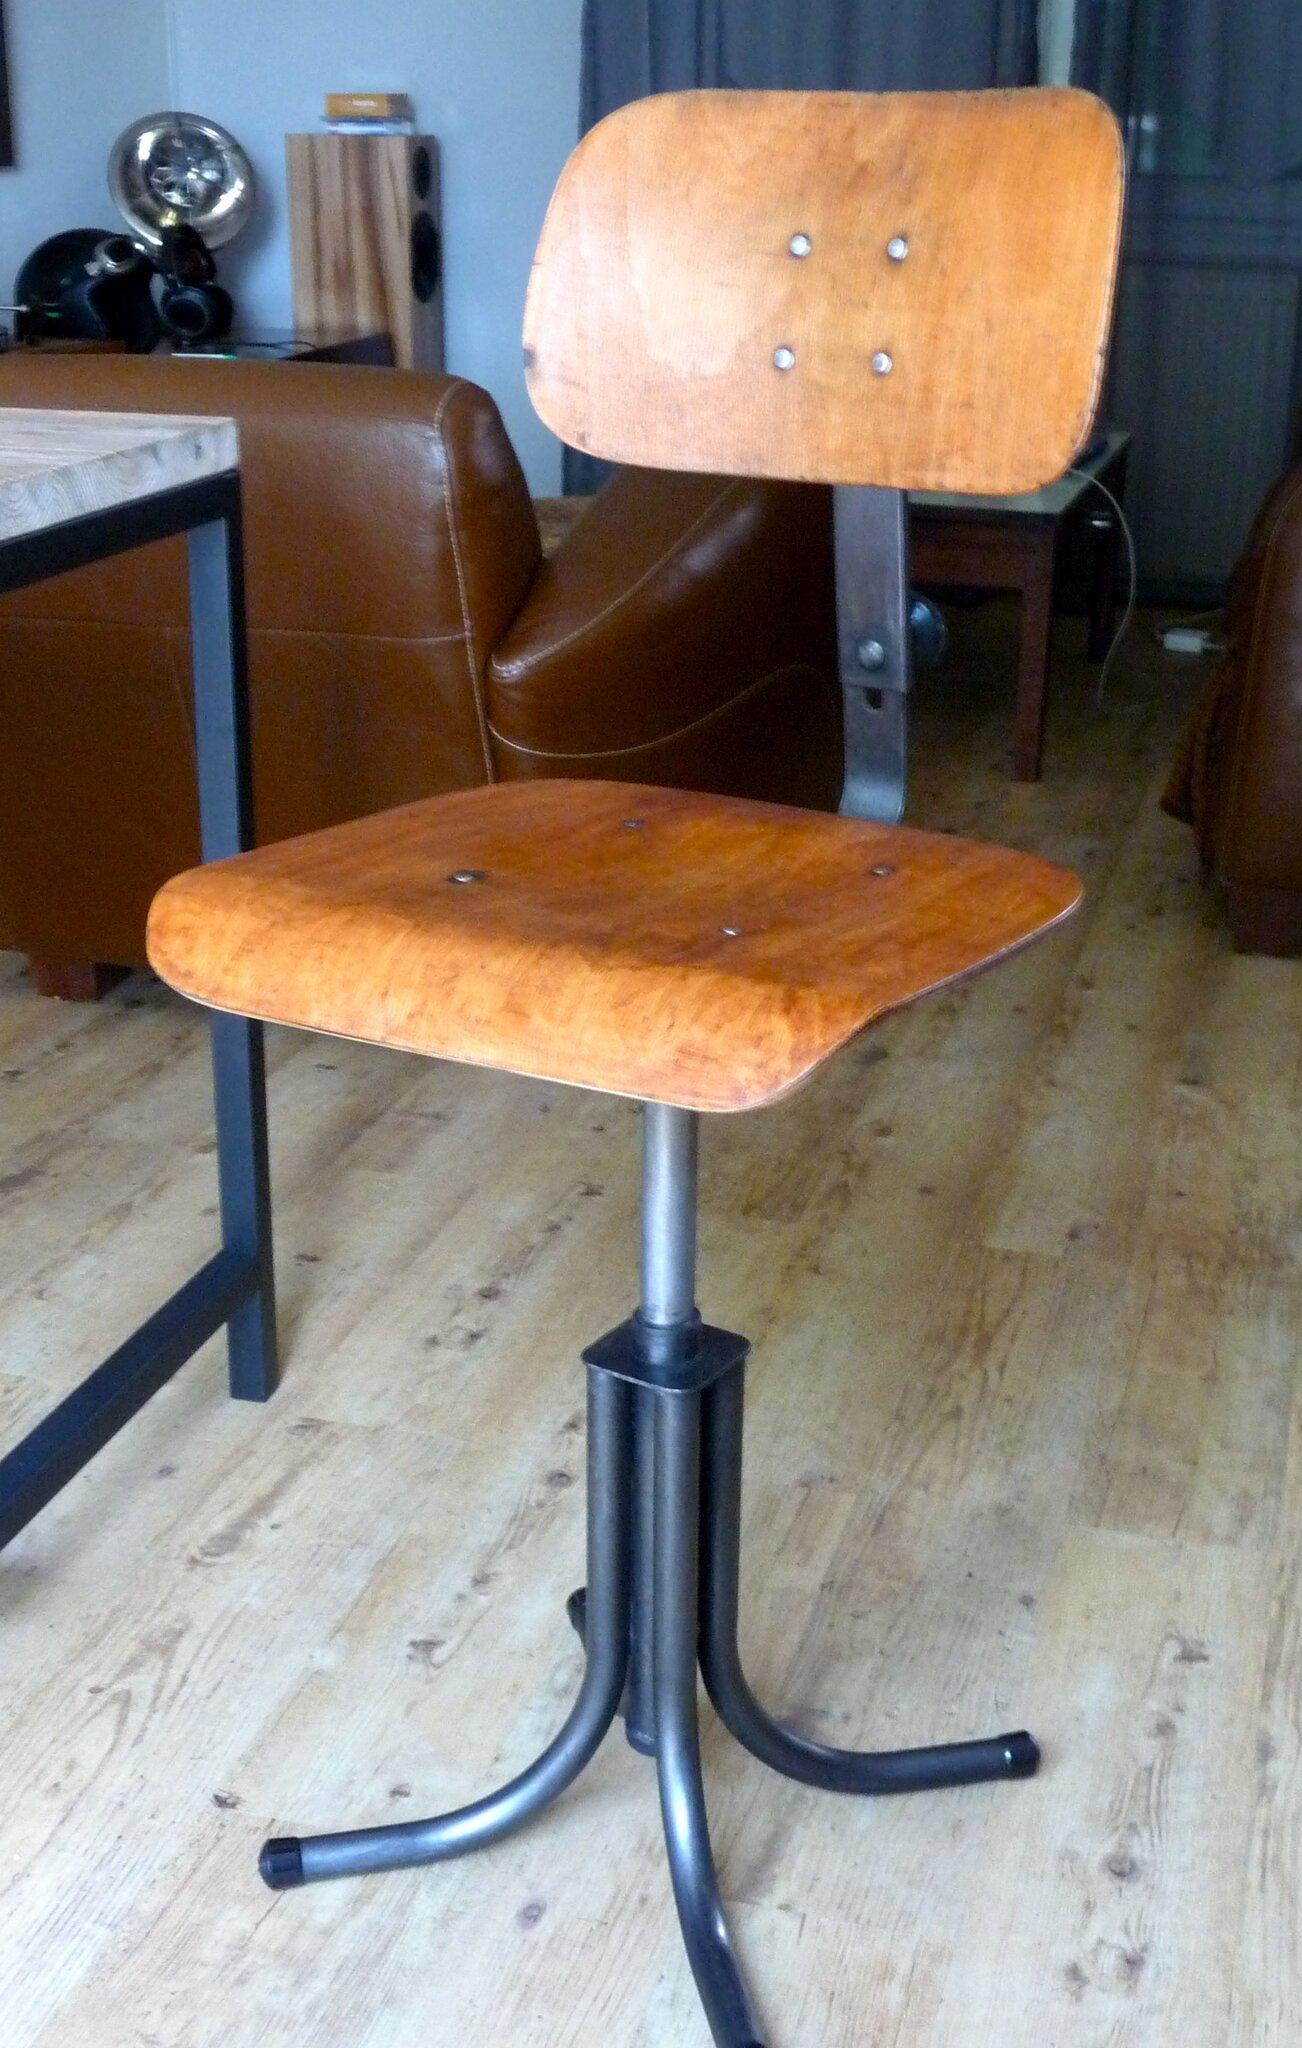 R novation d 39 une chaise d 39 atelier bao indus home factory - Chaise atelier industriel ...